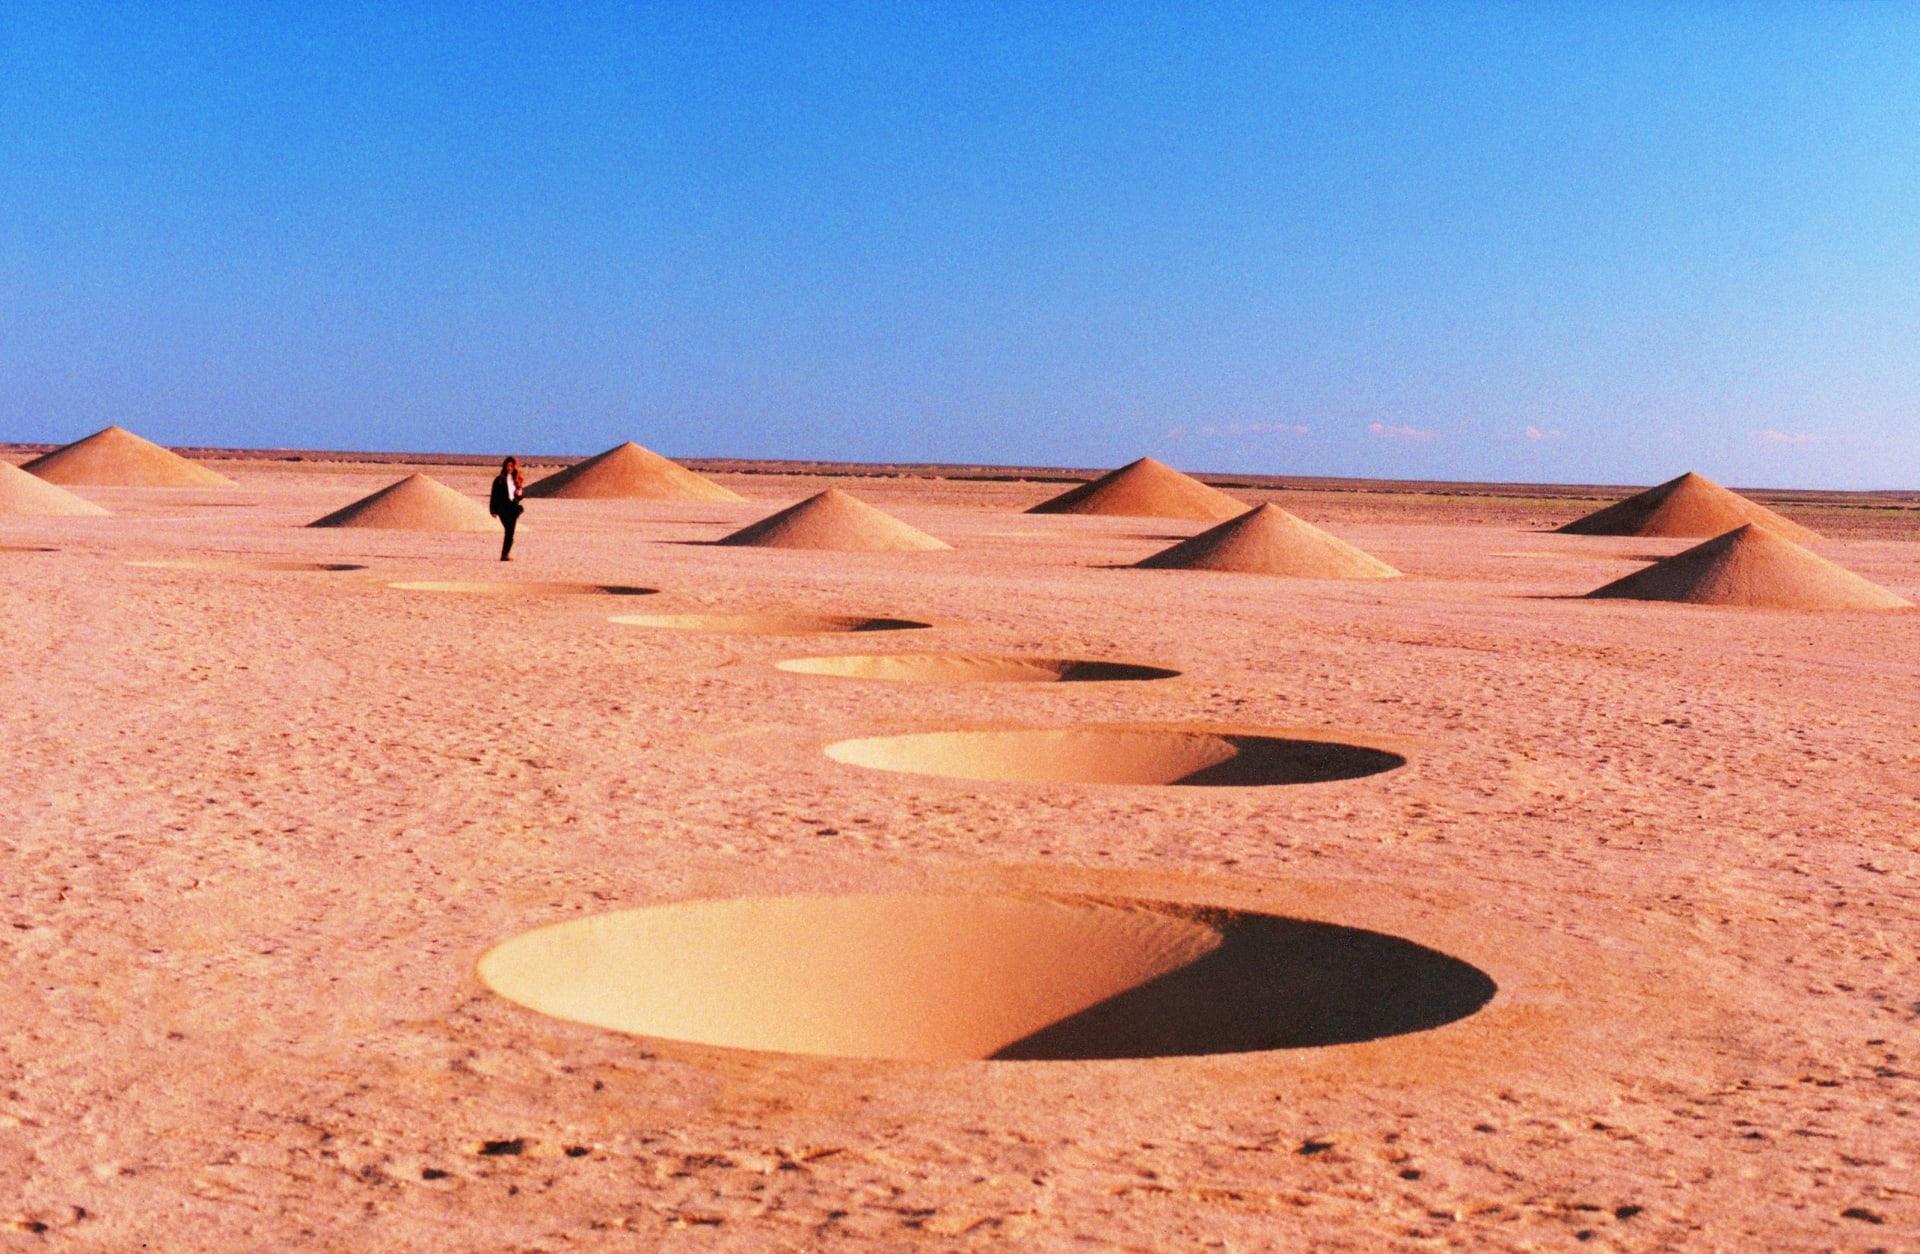 ظهرت بالصحراء بمصر قبل 20 عاماً.. ما قصة هذه الأشكال المتلاشية؟